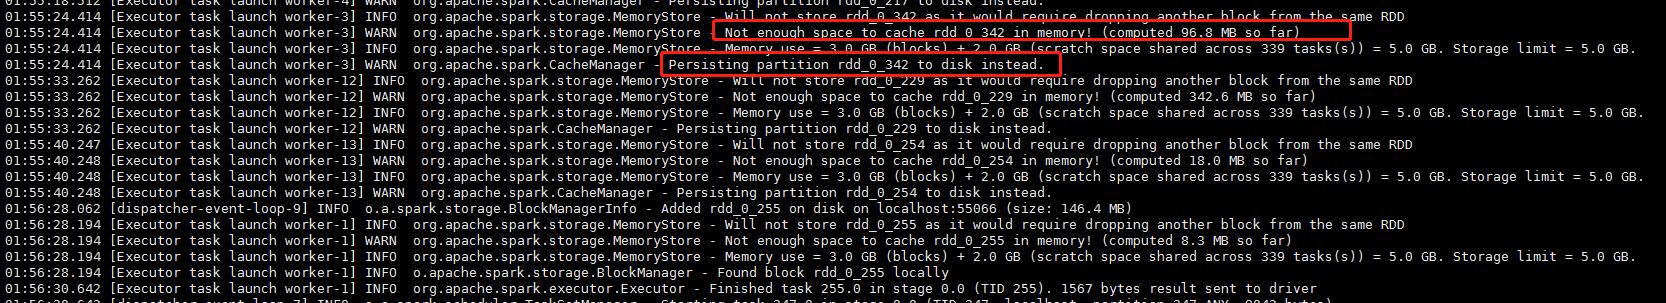 一部分数据被缓存到磁盘